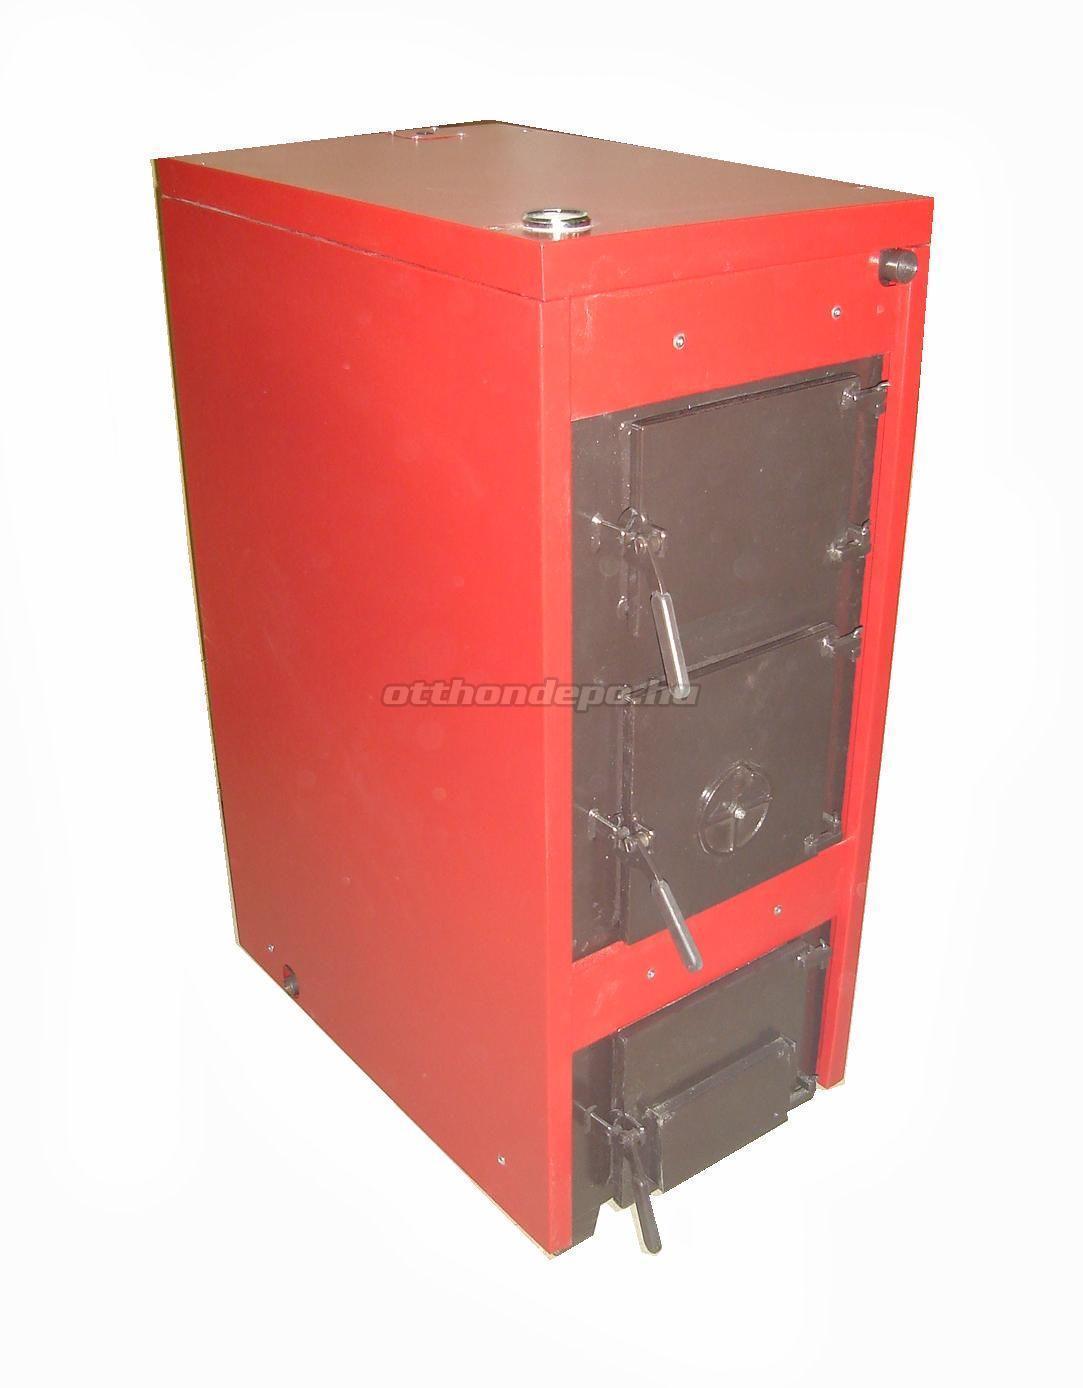 Hőtechnika Hőtechnika, Hőterm Simplex Novus 04, vegyestüzelésű kazán, lemez